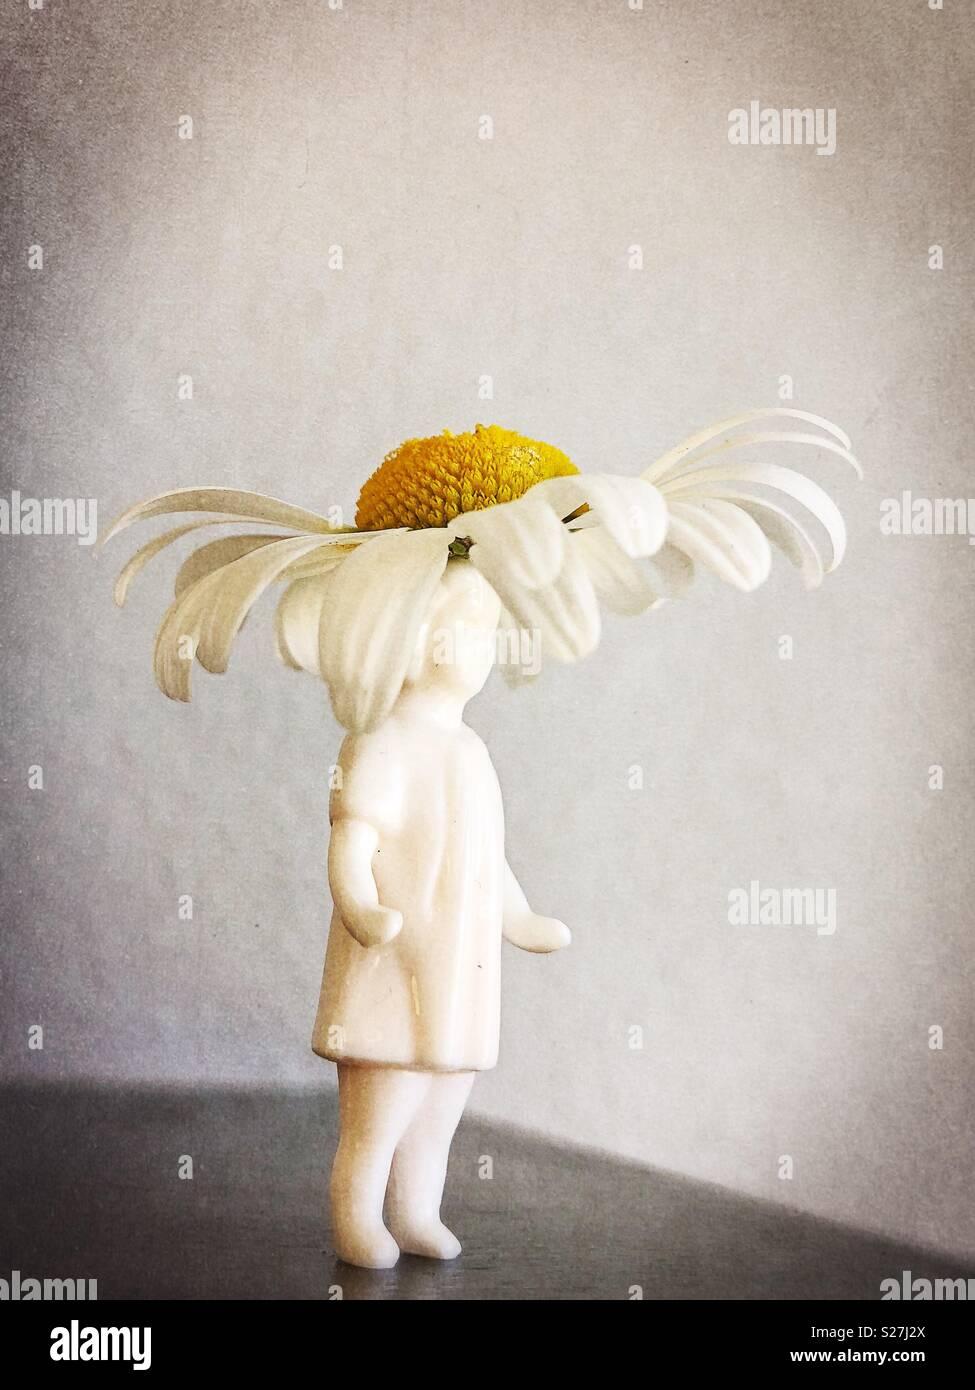 Figurina di una ragazza con daisy hat. Immagini Stock